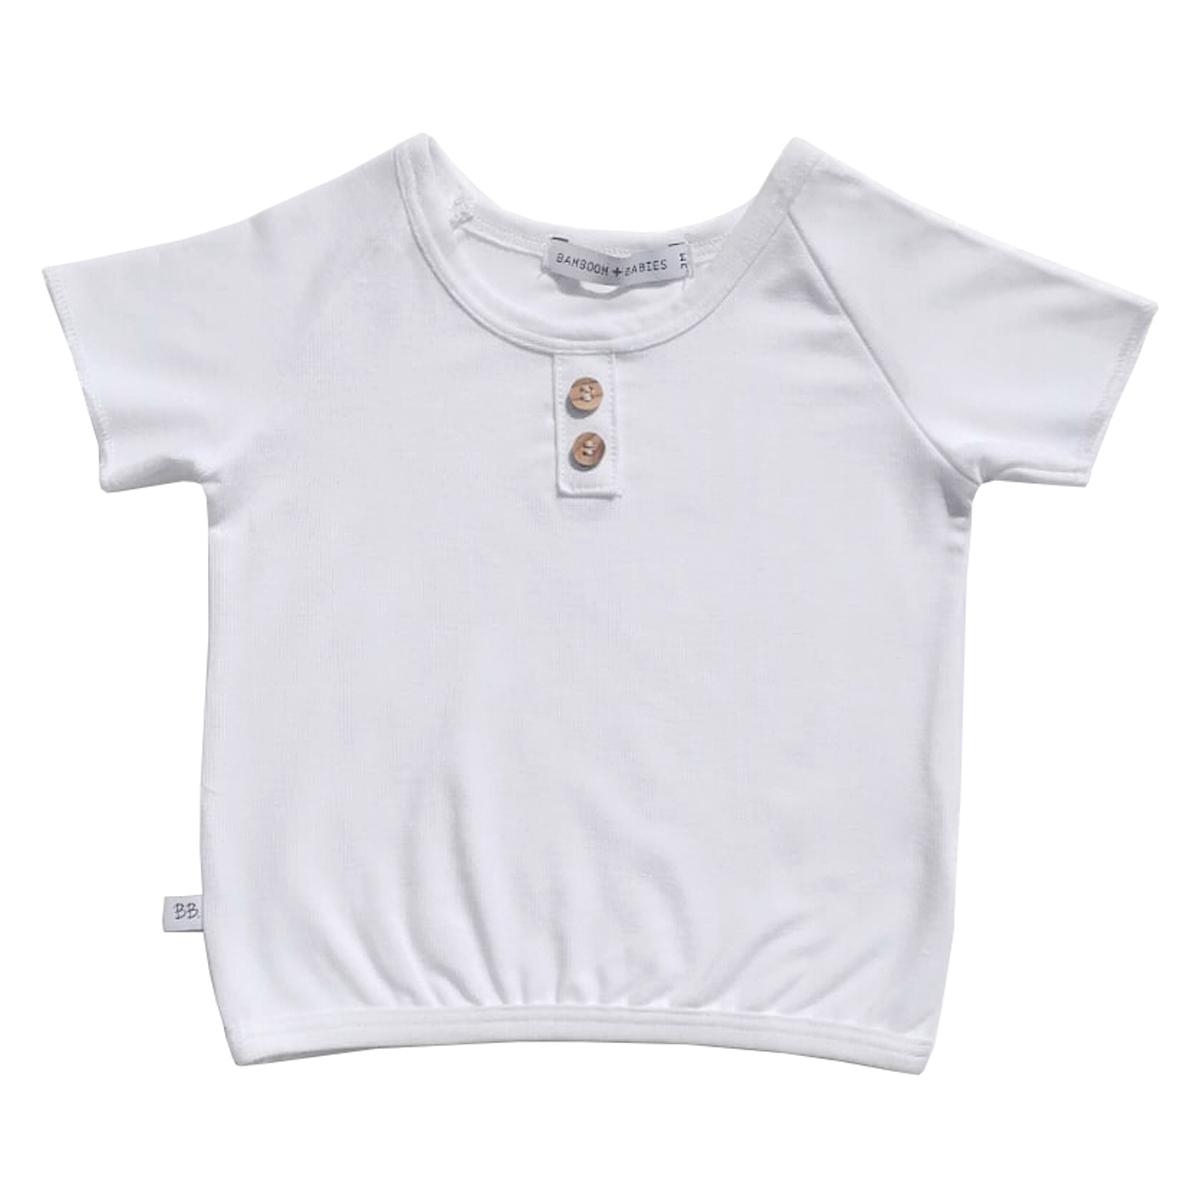 Haut bébé Tee-Shirt Blanc - 6 Mois Tee-Shirt Blanc - 6 Mois